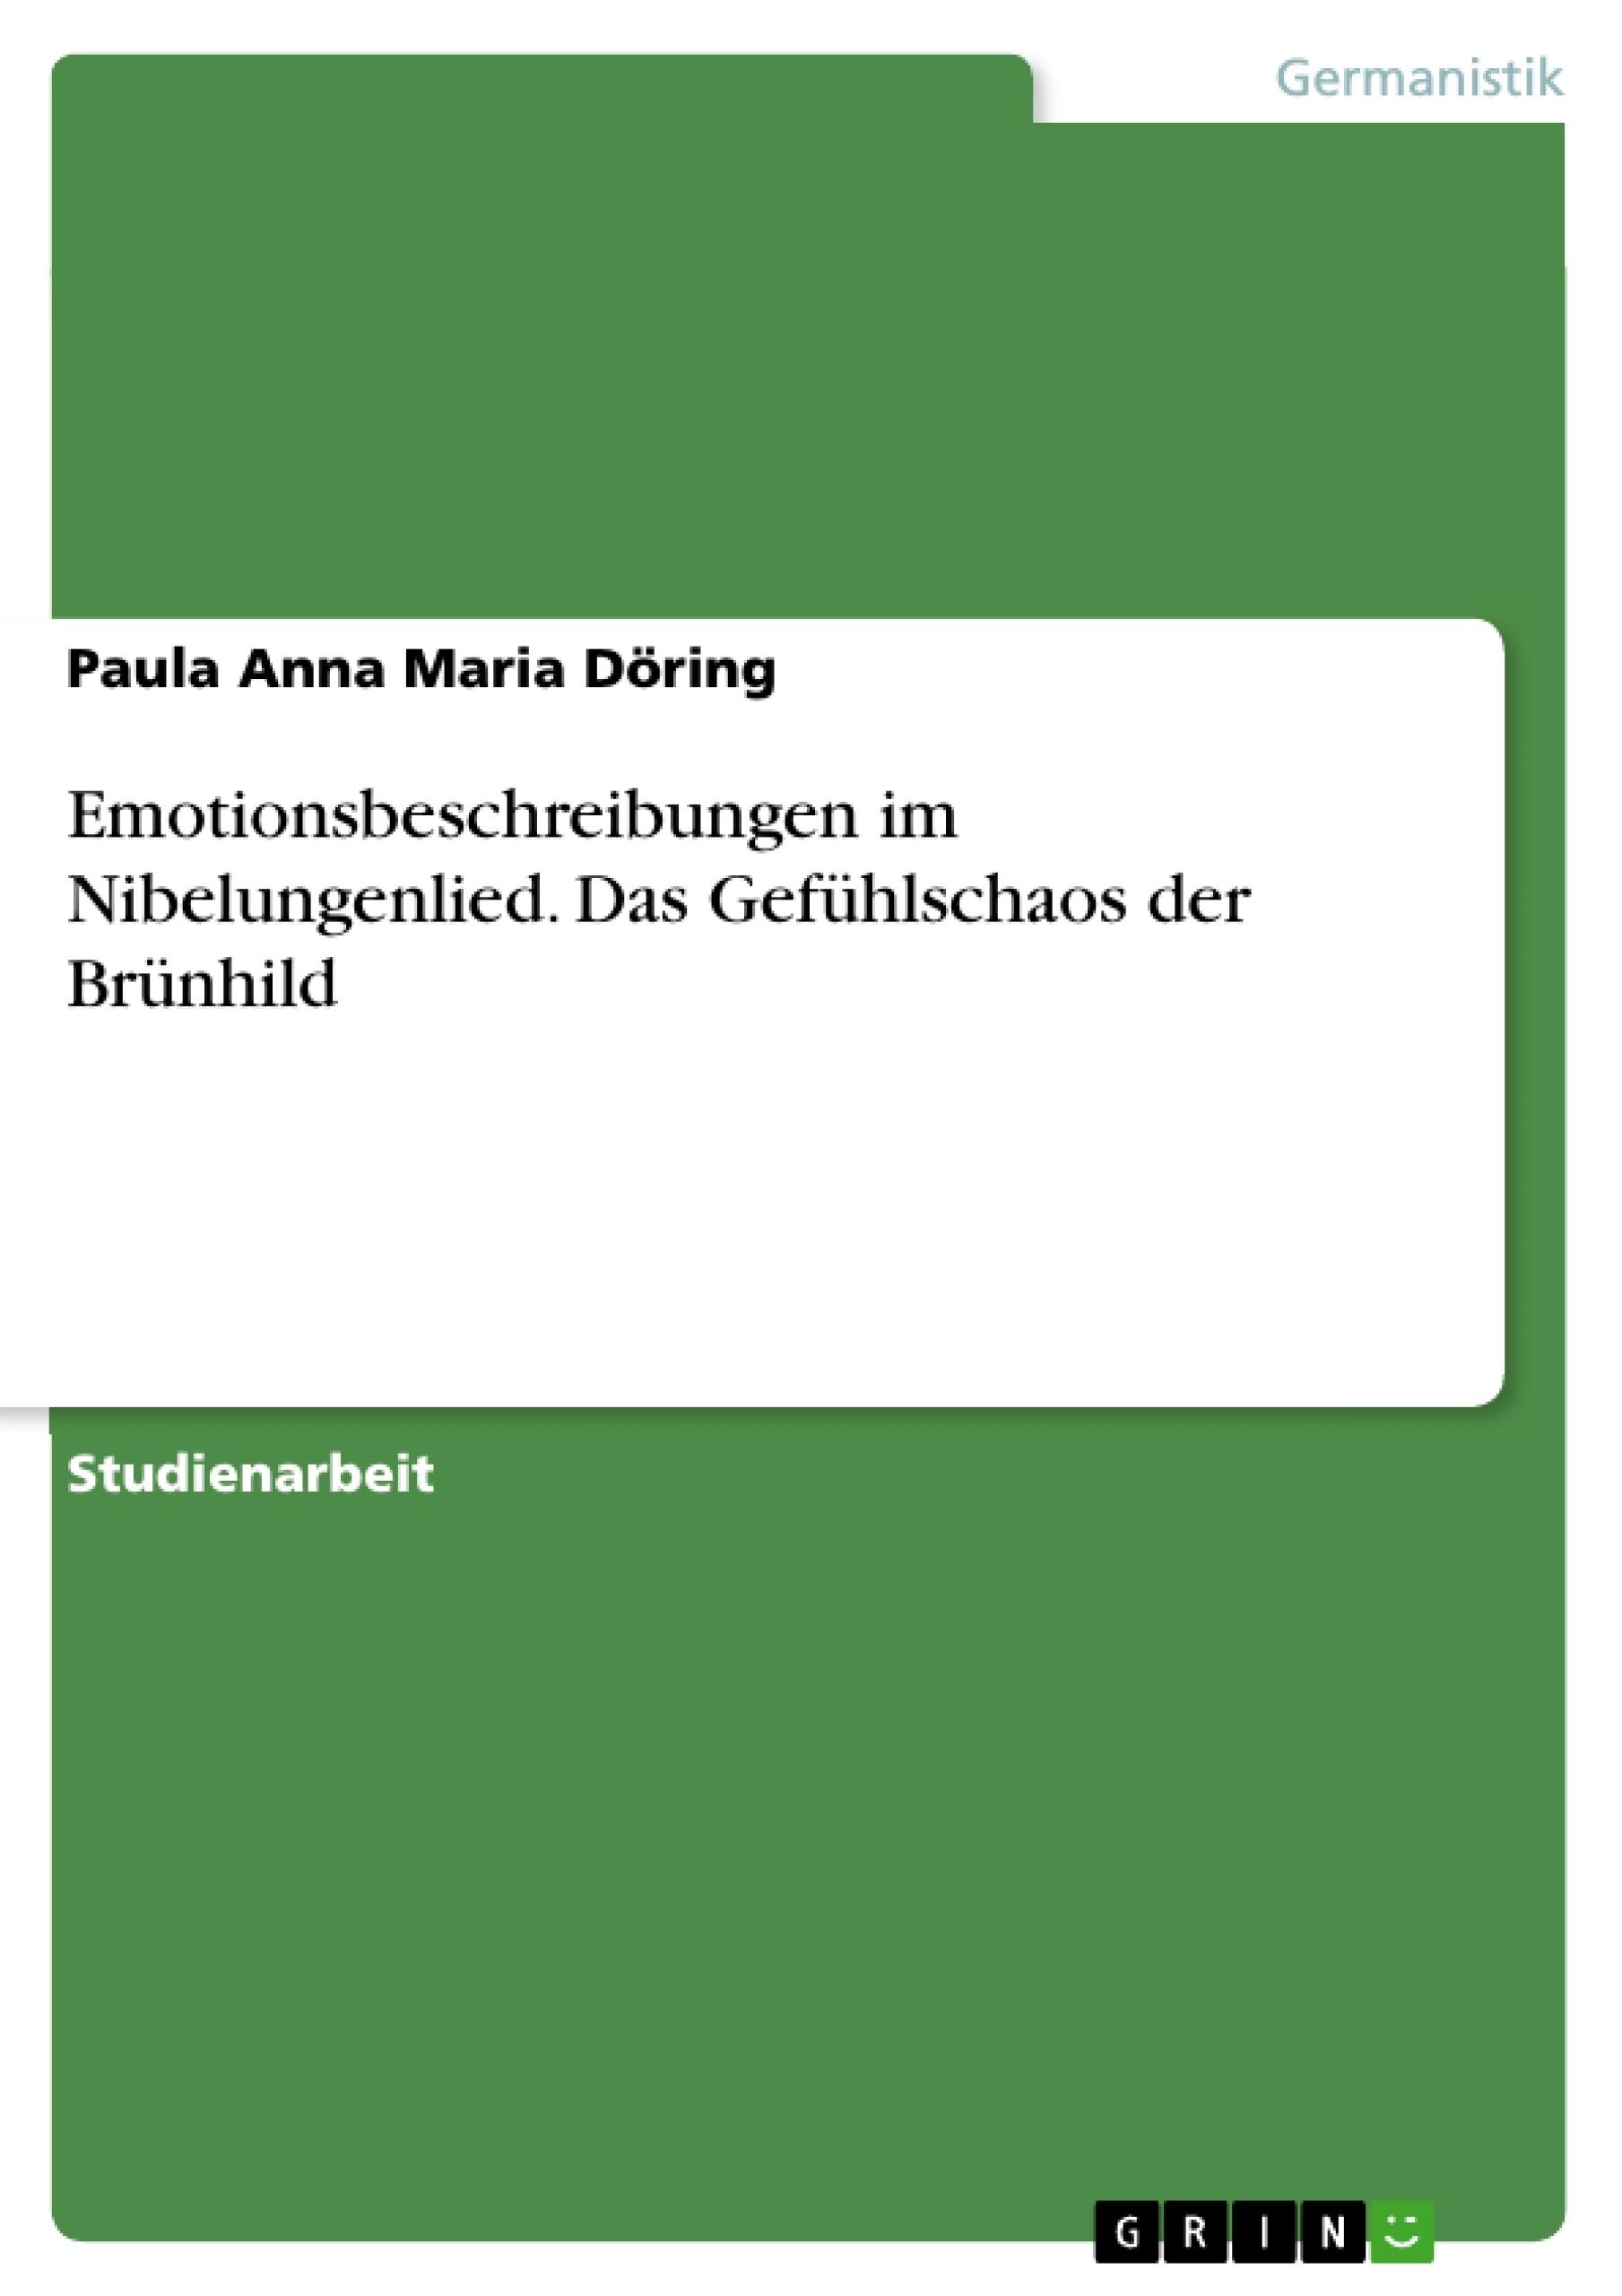 Titel: Emotionsbeschreibungen im Nibelungenlied. Das Gefühlschaos der Brünhild